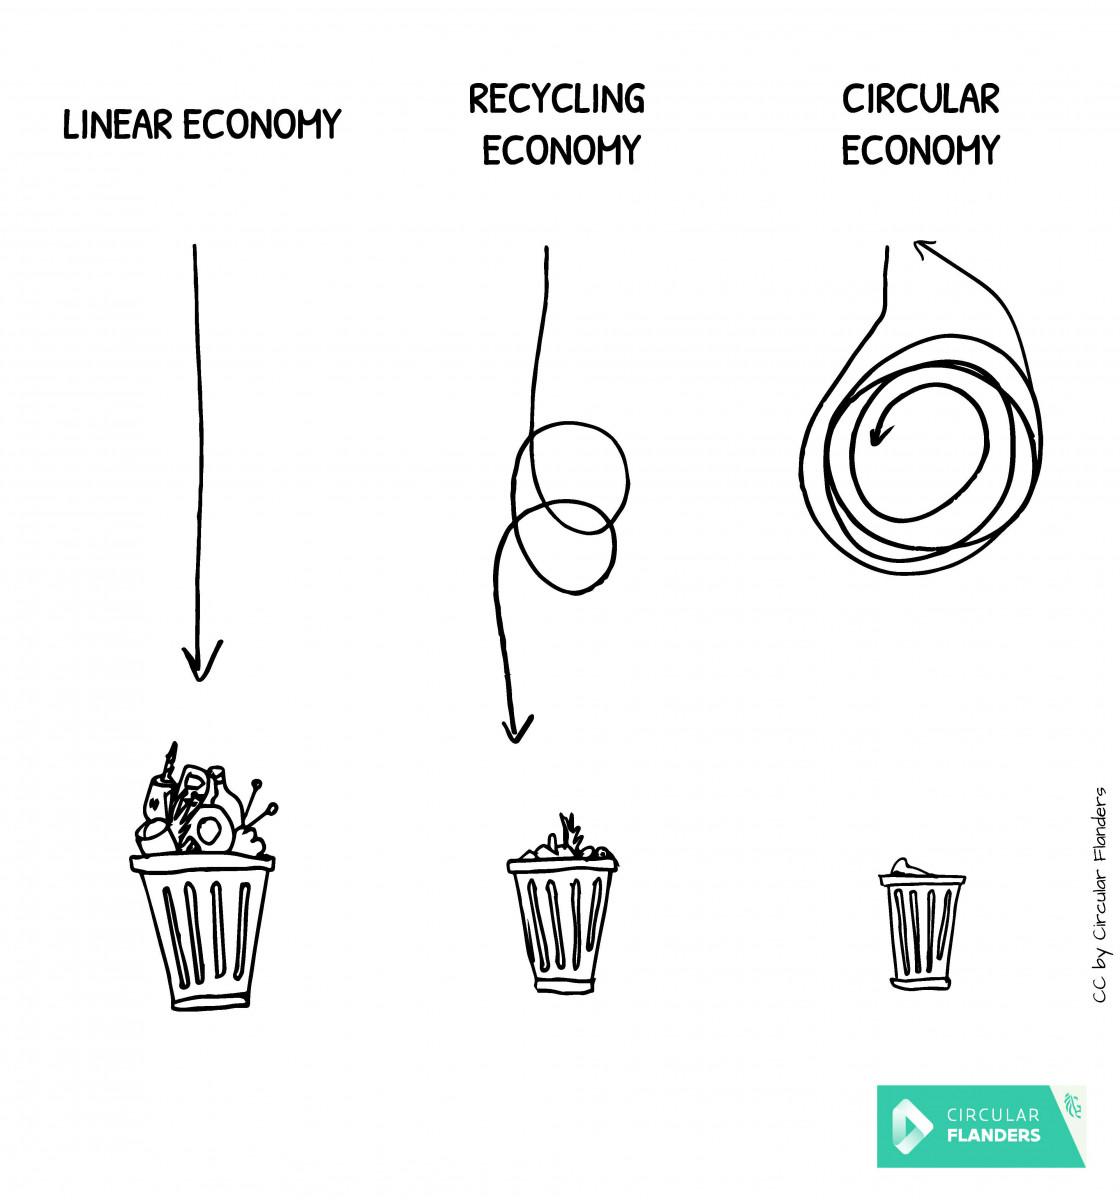 De cirulaire economie anders uitgelegd